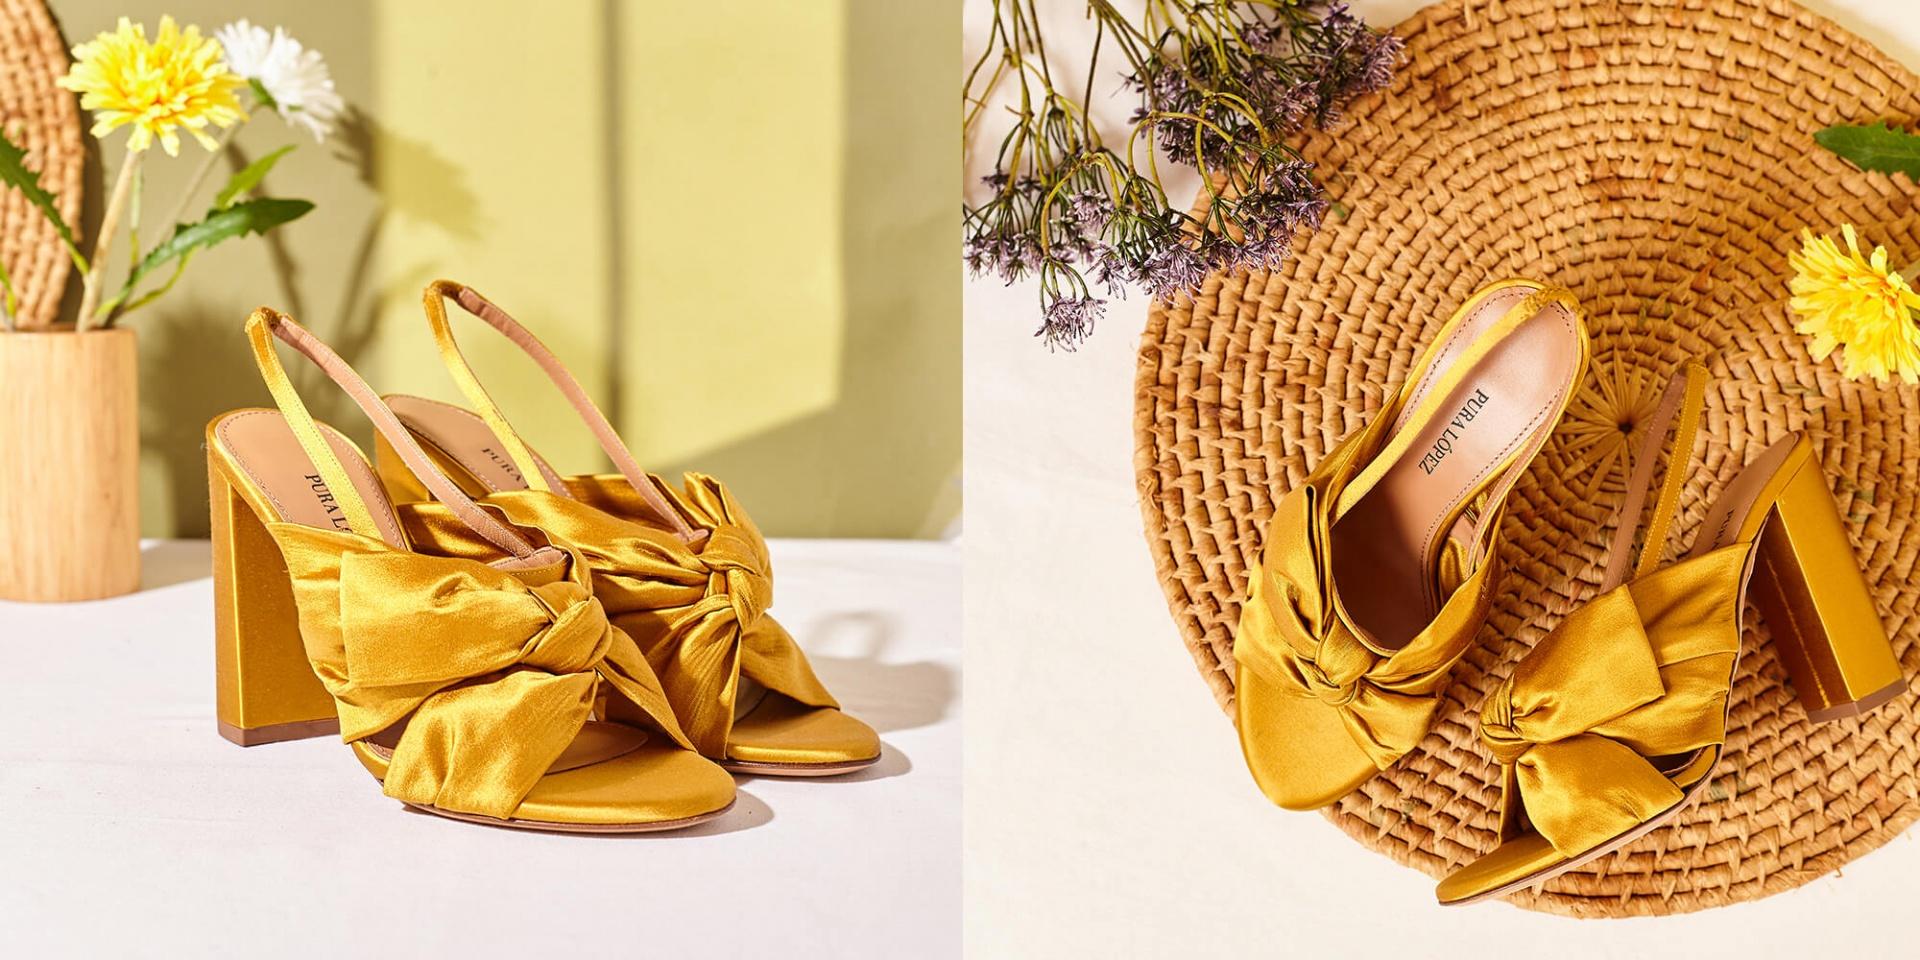 colori e suggestivi seleziona per ufficiale uomo Women's Shoes | Womens Shoes on Sale | Pura Lopez Official Site ...